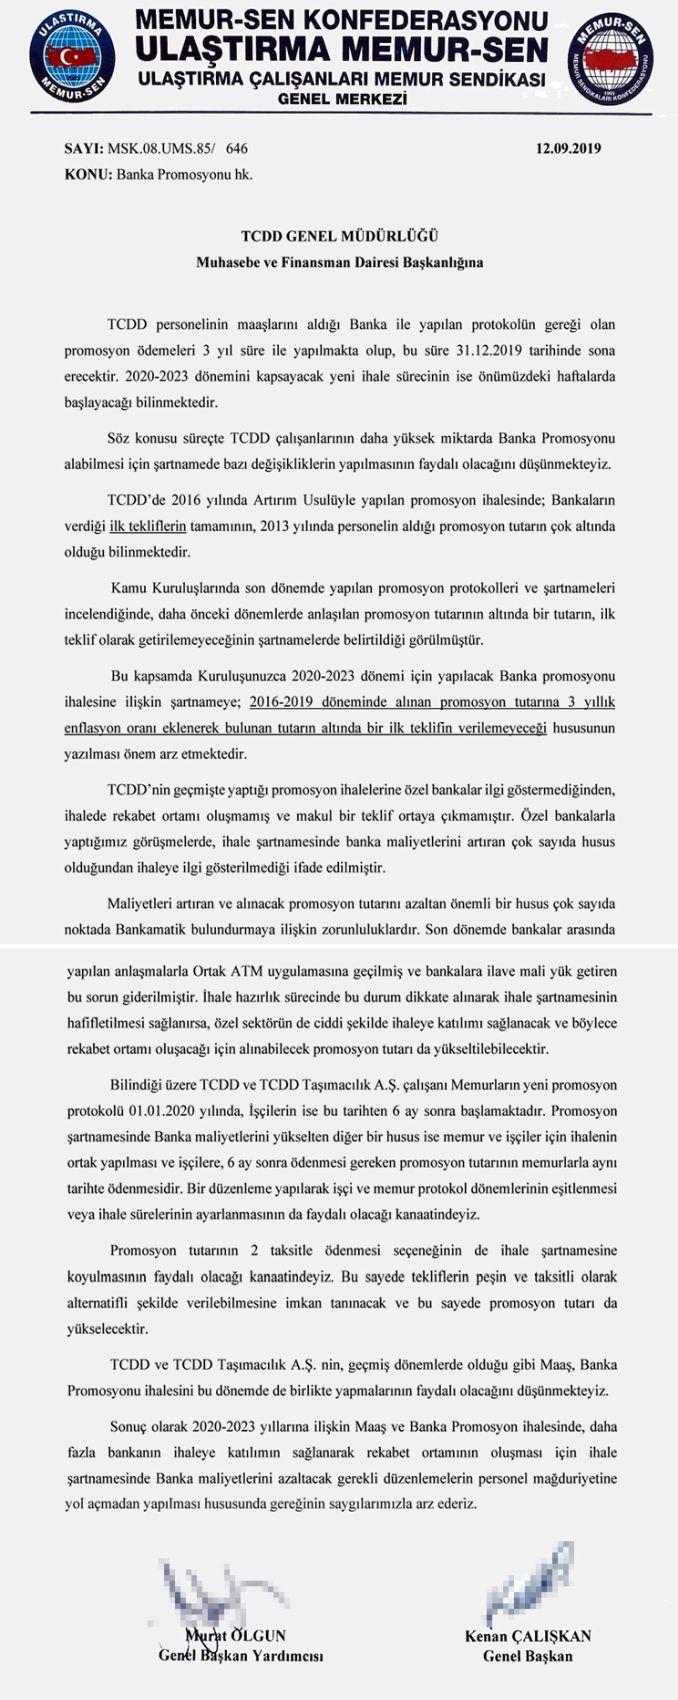 בעטן פון די טראַנספּערטיישאַן אָפיציר צו פאַרגרעסערן די העכערונג פון טקד די עמפּלוייז